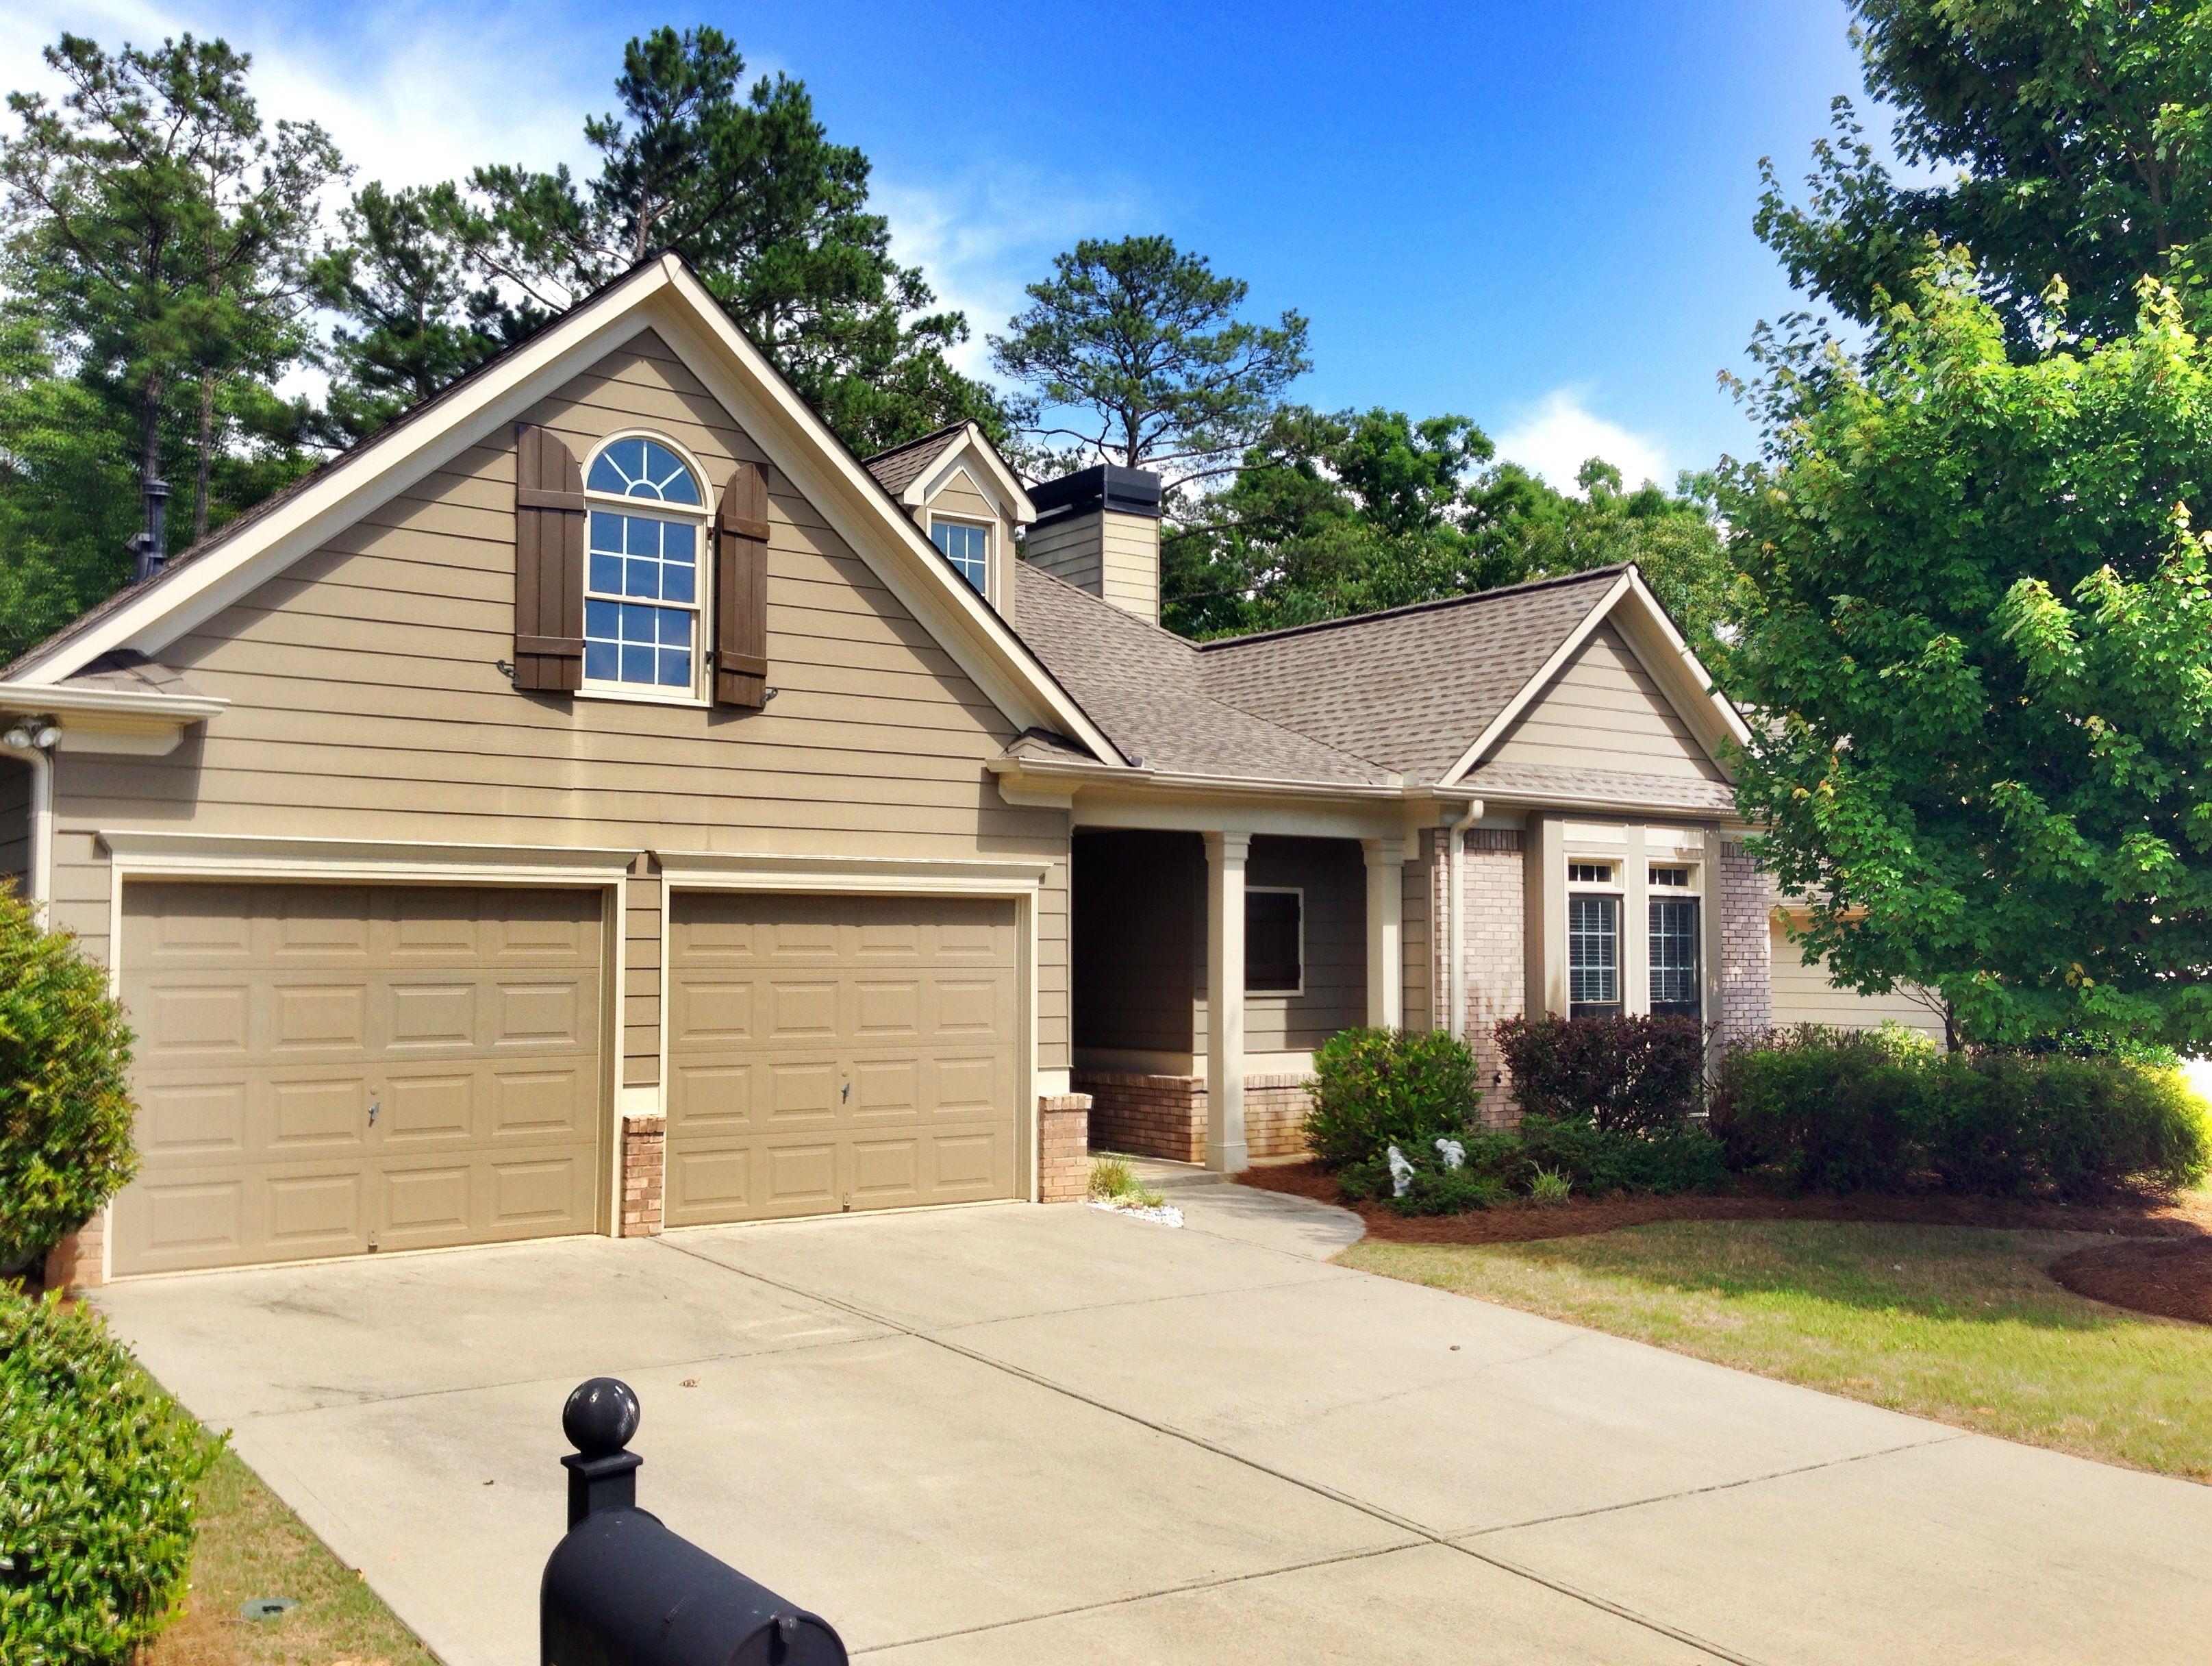 6faa5eaddb www.OakmarkRealty... House for Sale 520 Oriole Farm Trail